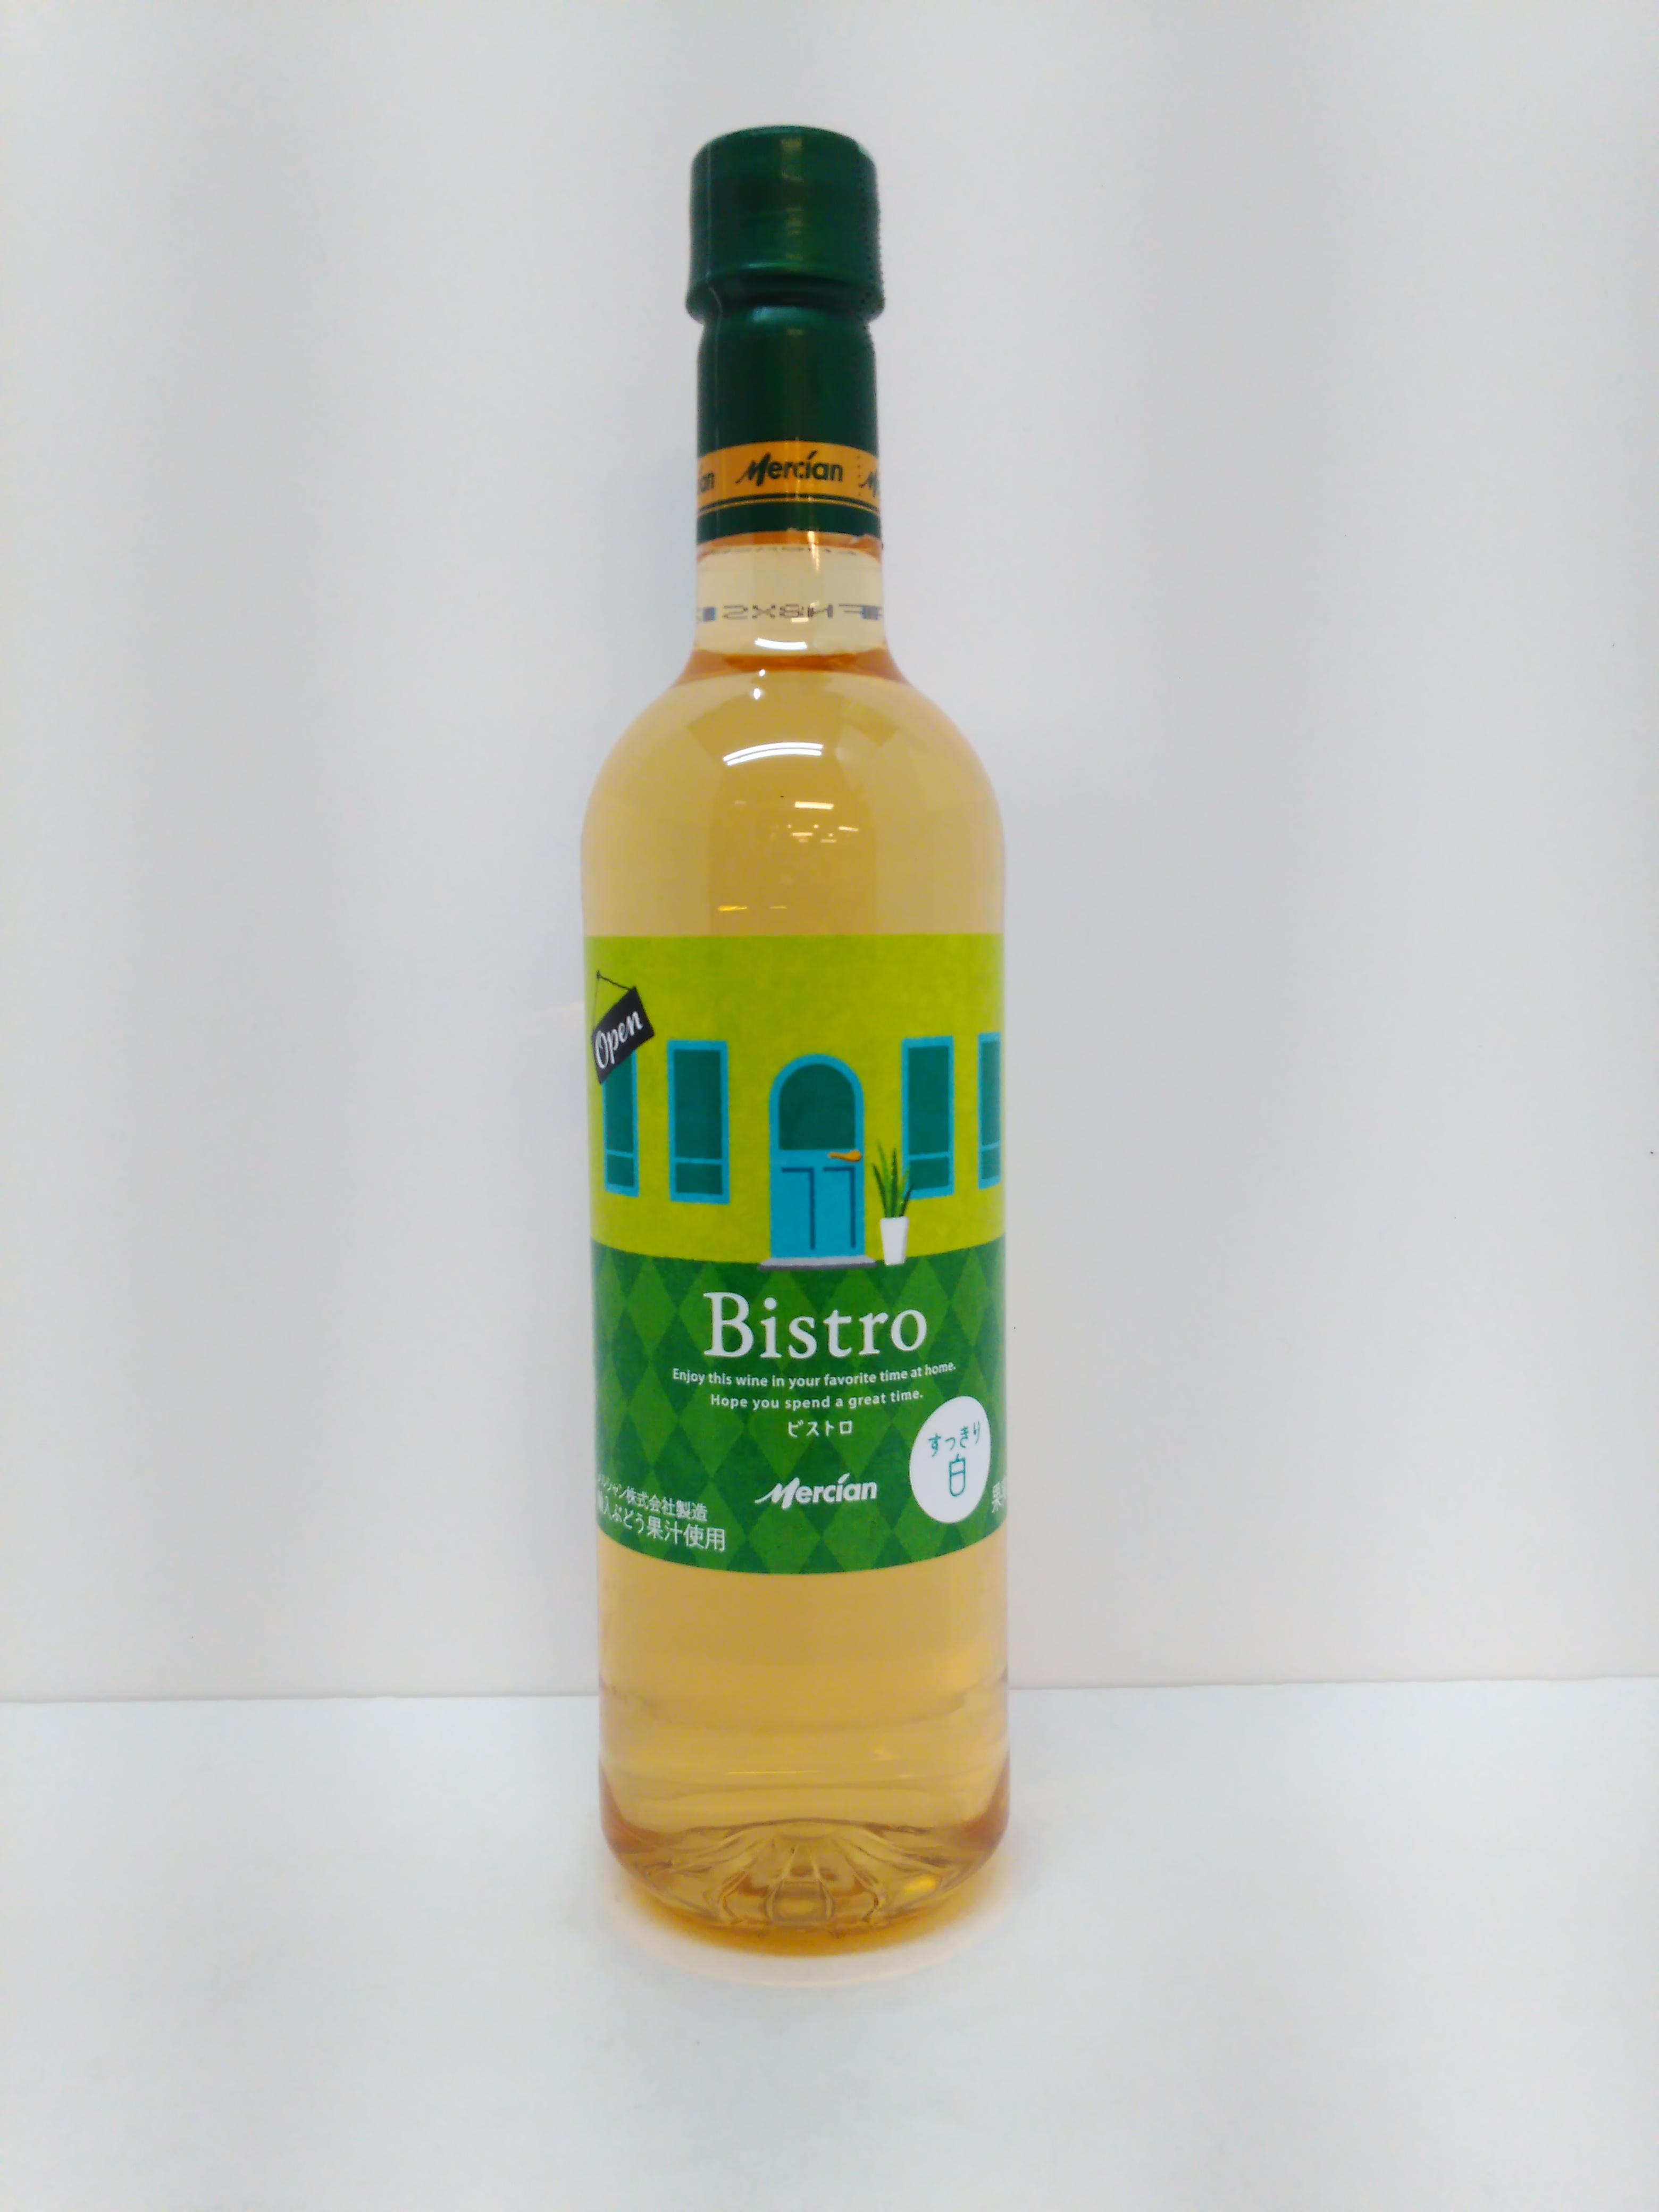 メルシャン ビストロ 白ワイン 720ml